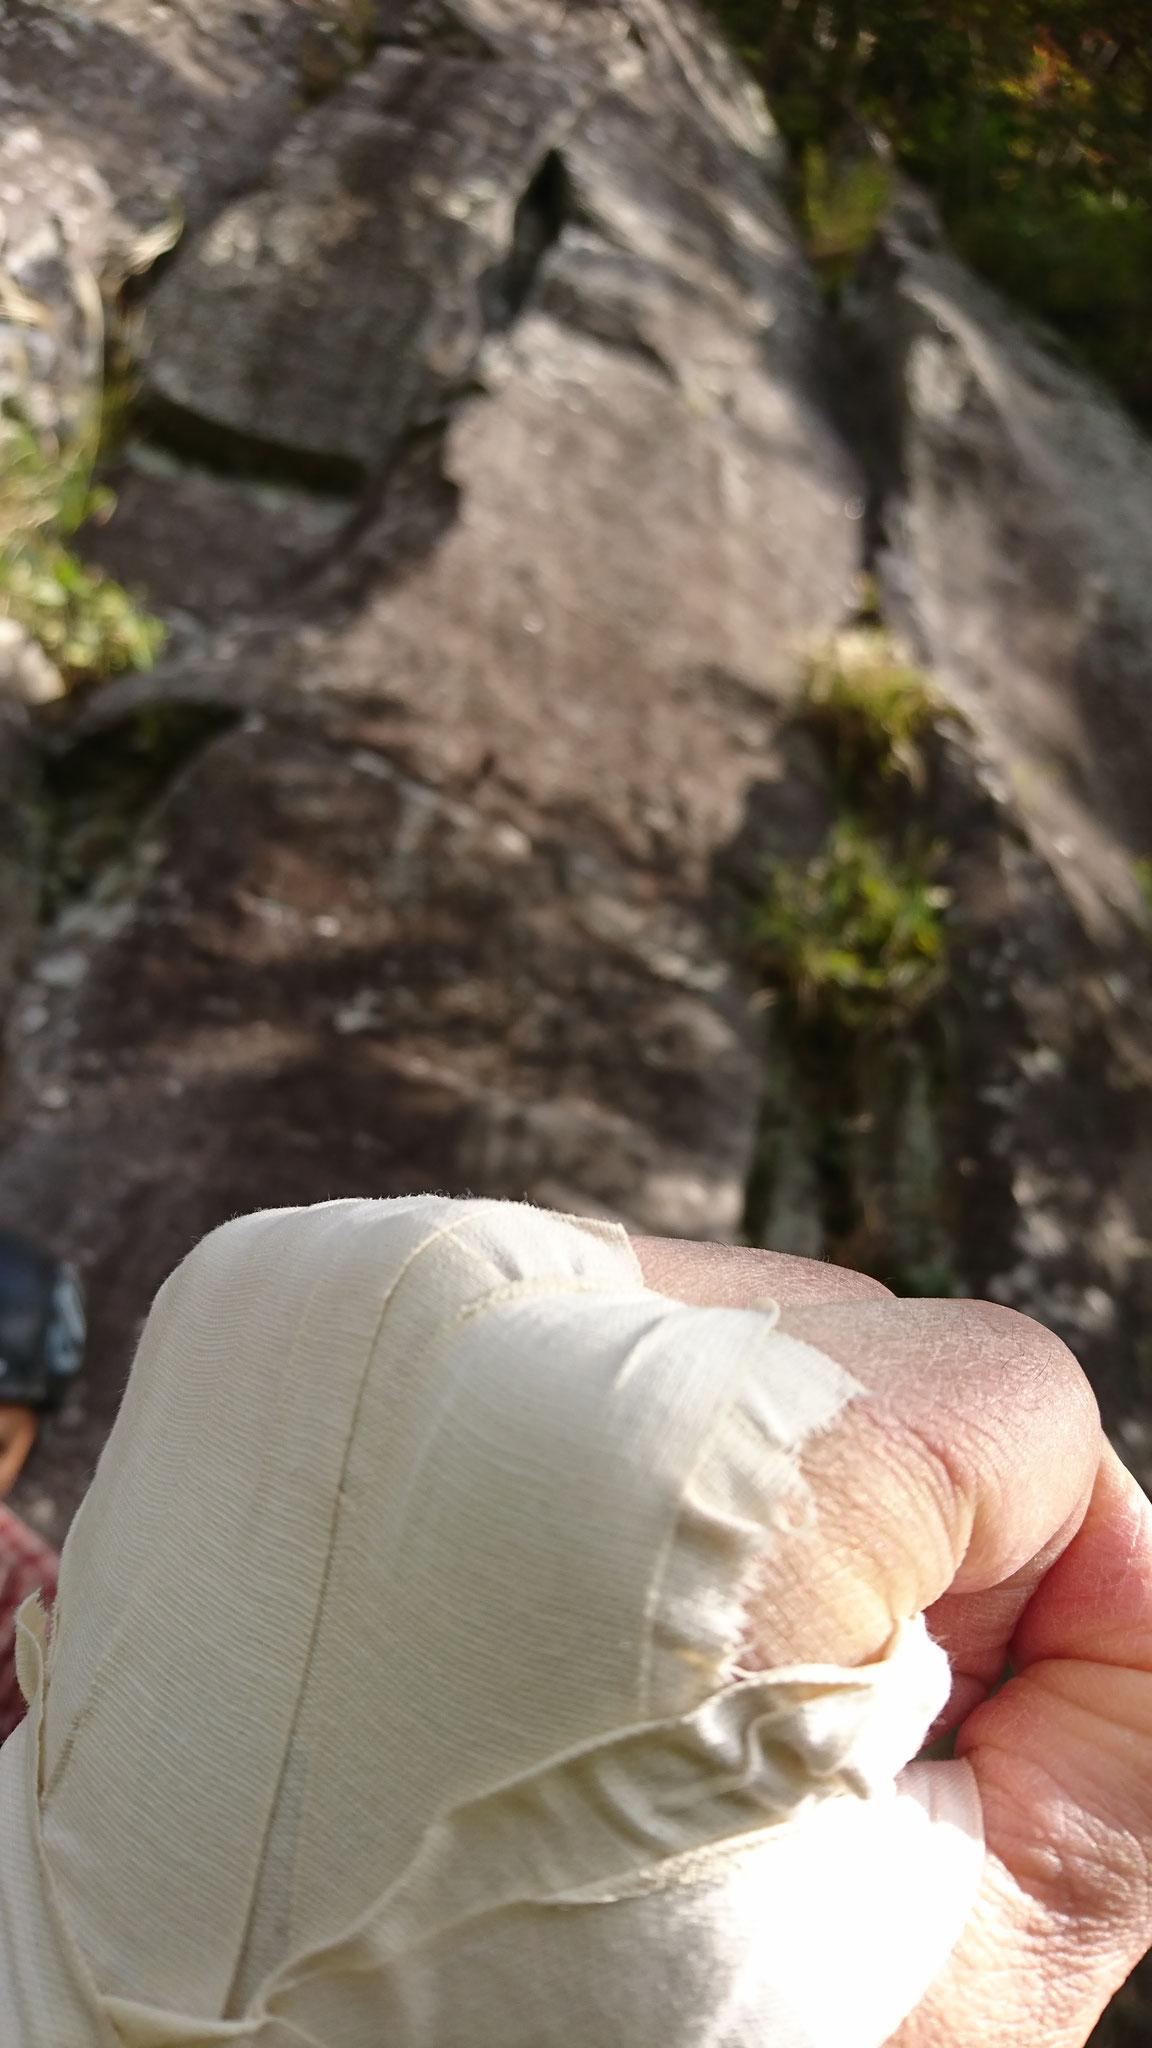 私の手、なんとヒヨワ・・・・